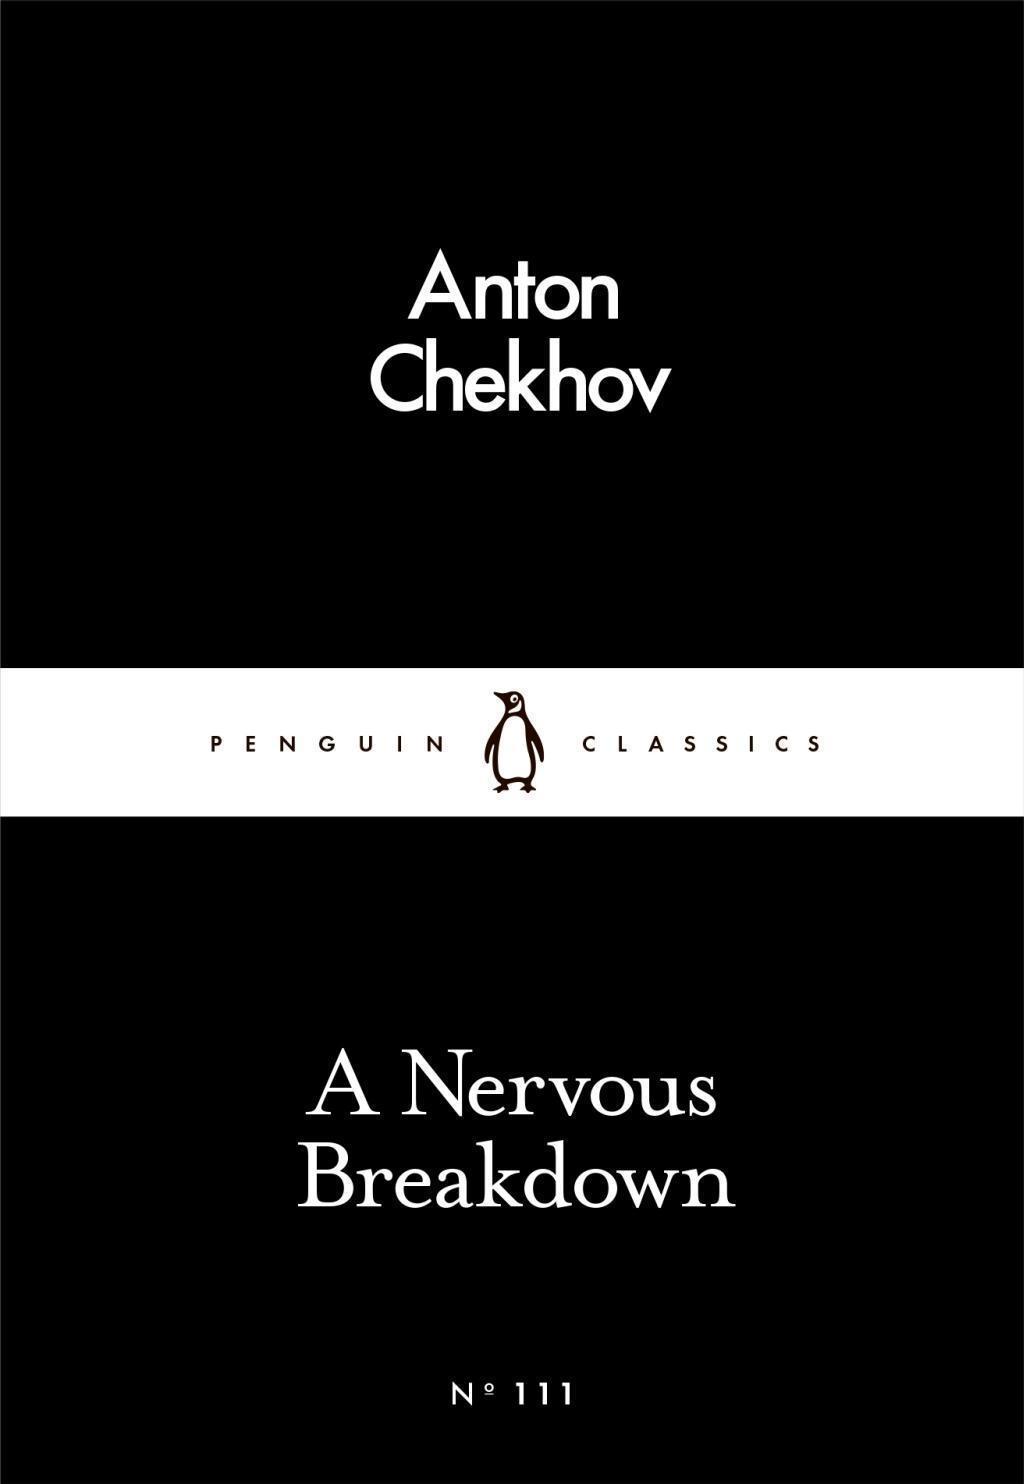 A Nervous Breakdown